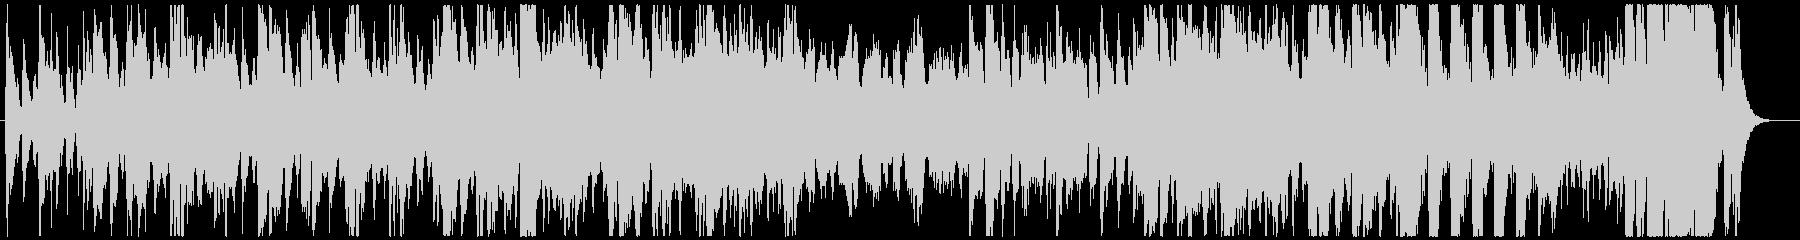 ホルンの推進力が勇壮なオーケストラマーチの未再生の波形